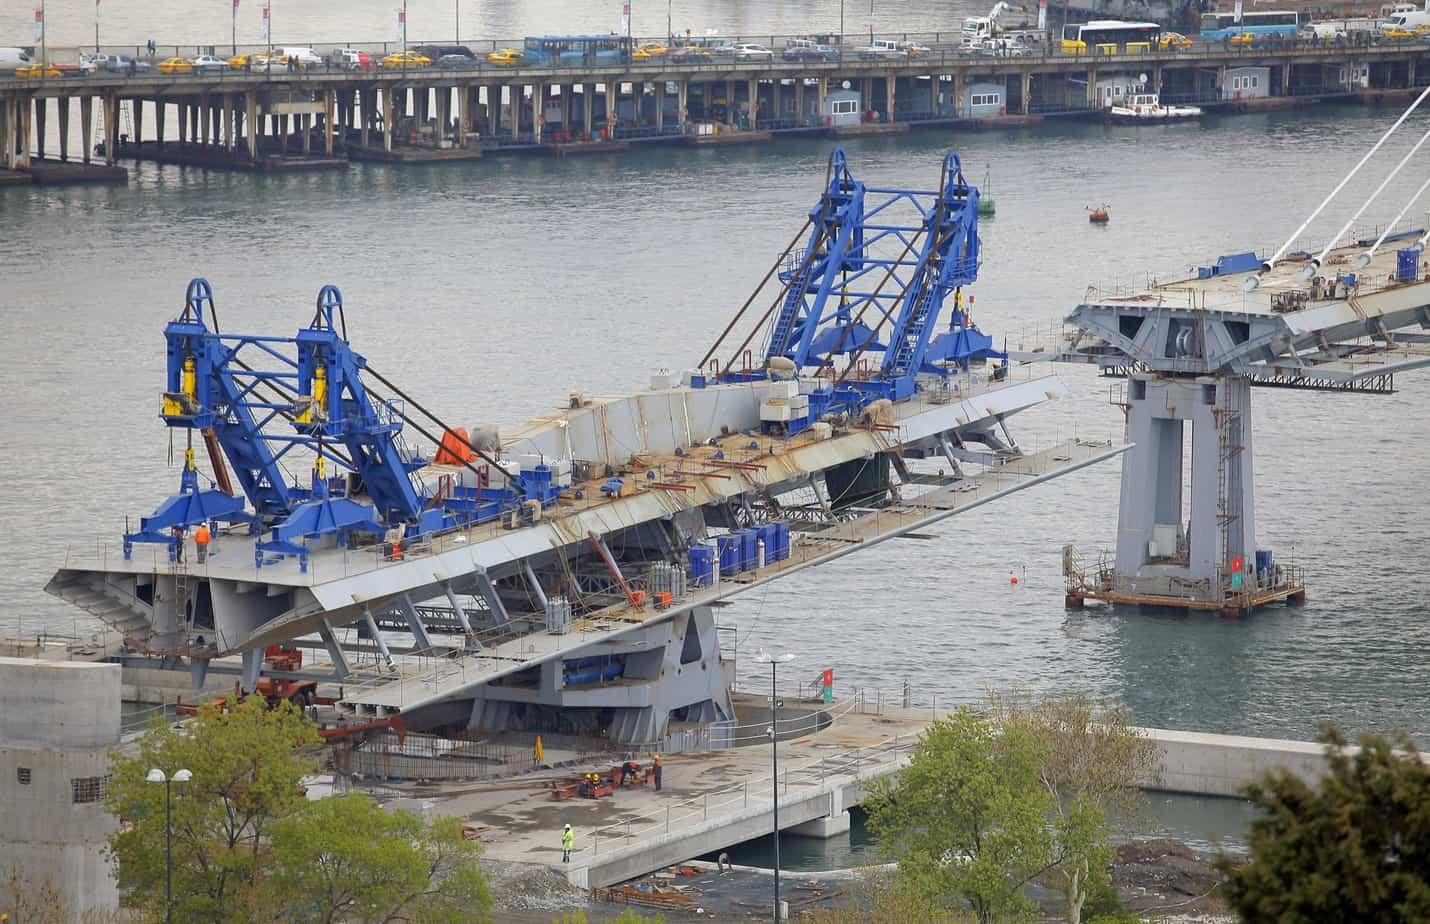 Il ponte girevole con i conci a sbalzo